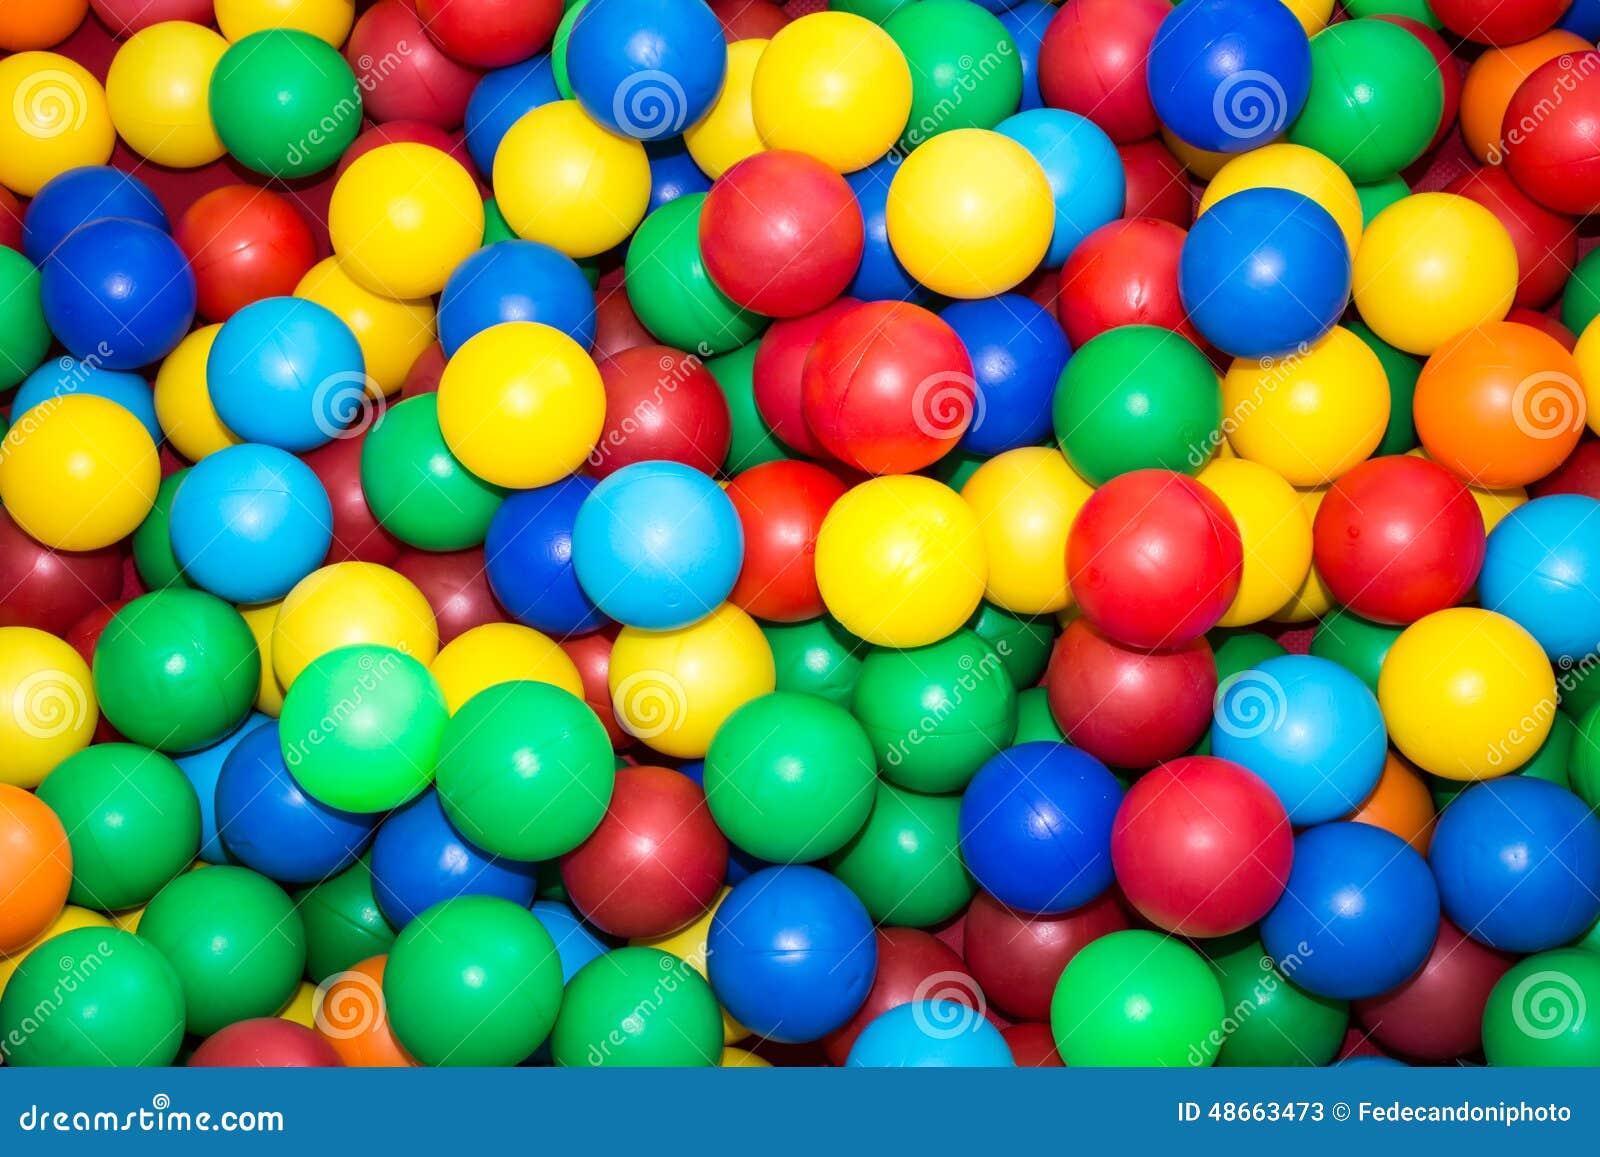 Muchas bolas pl sticas coloridas en la piscina para los for Piscinas de bolas para bebes